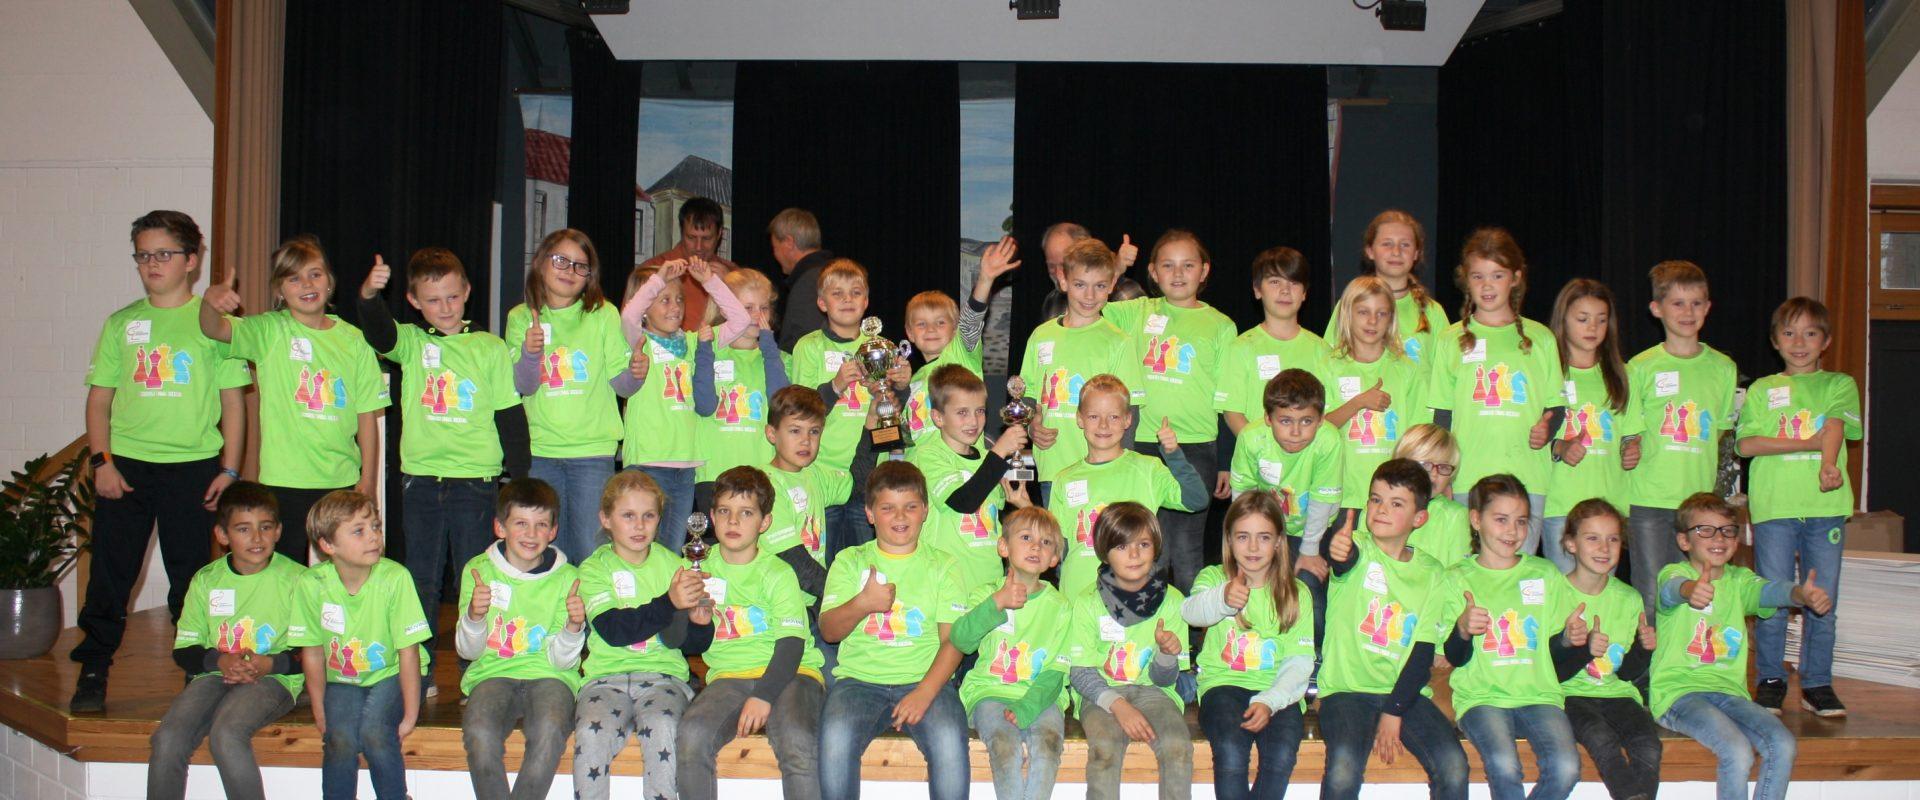 Permalink auf:Brüder-Grimm-Schule bleibt die Nummer 1 im Schulschach